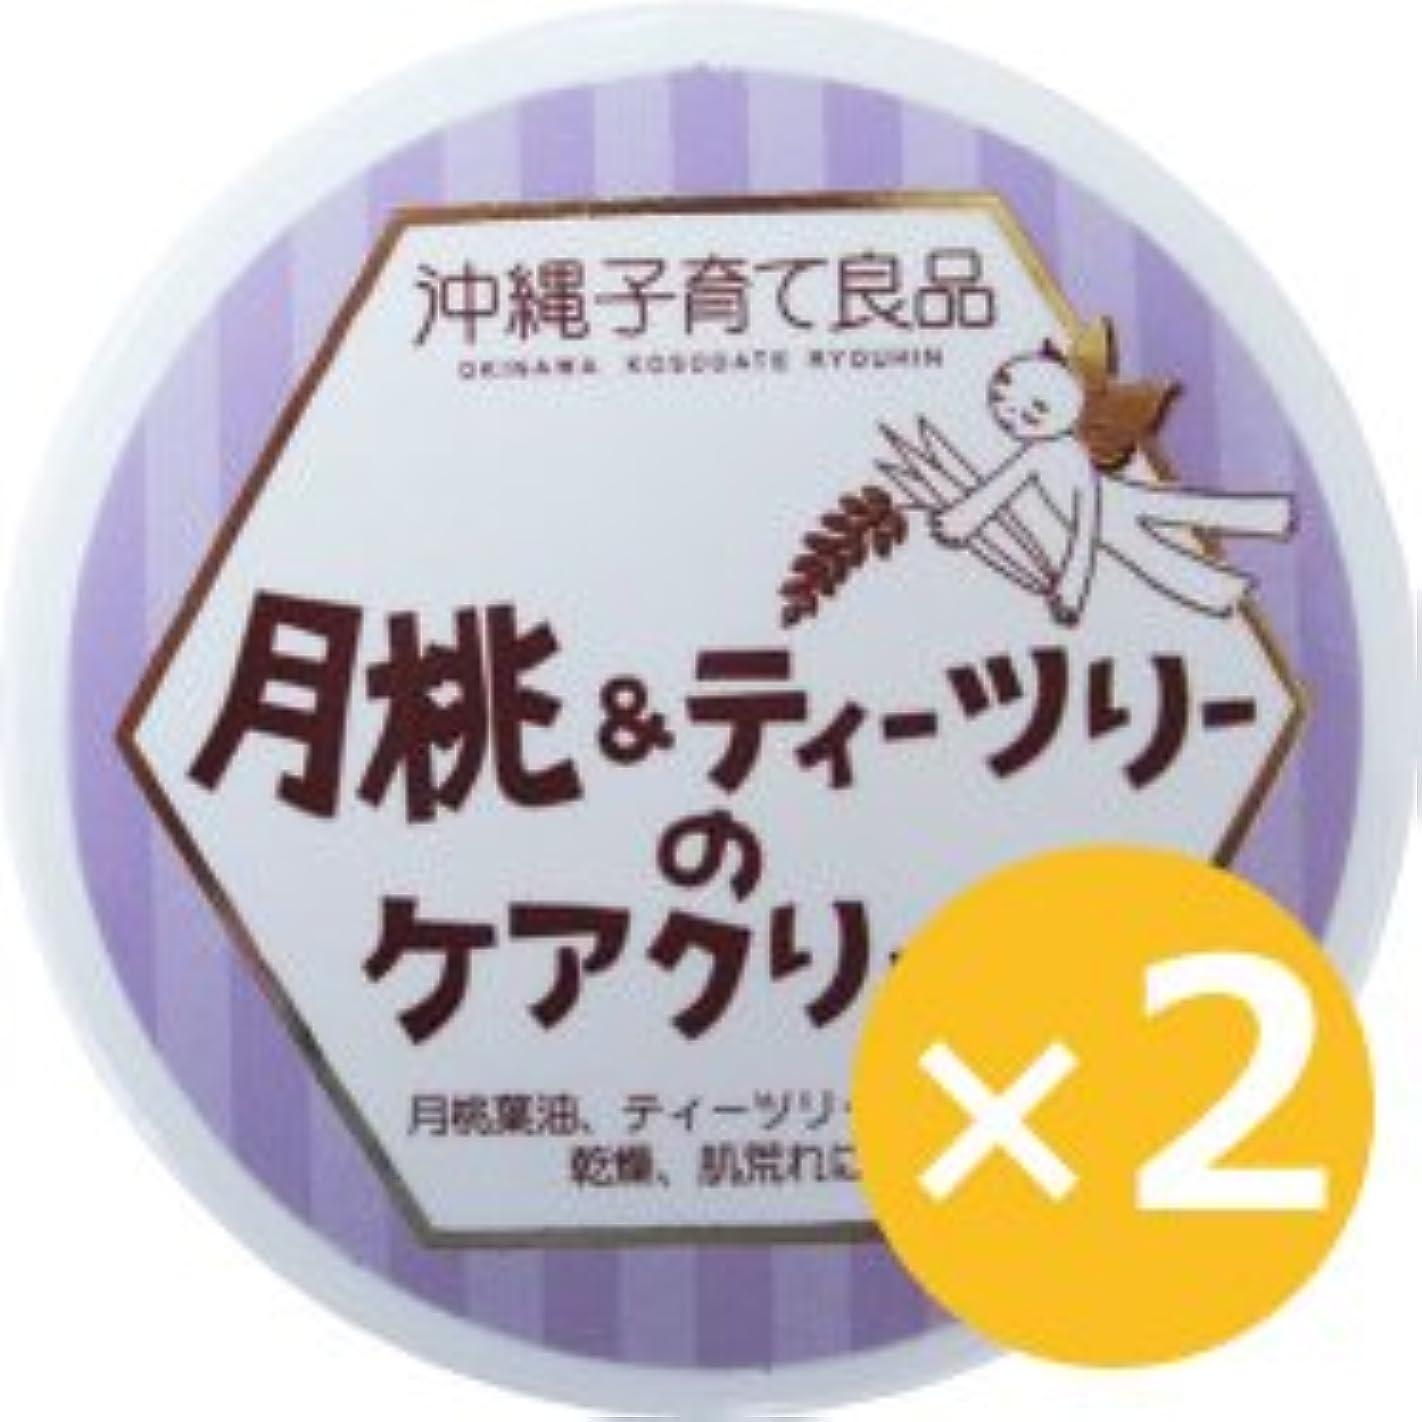 鼓舞するリングバック行う月桃&ティーツリークリーム 25g×2